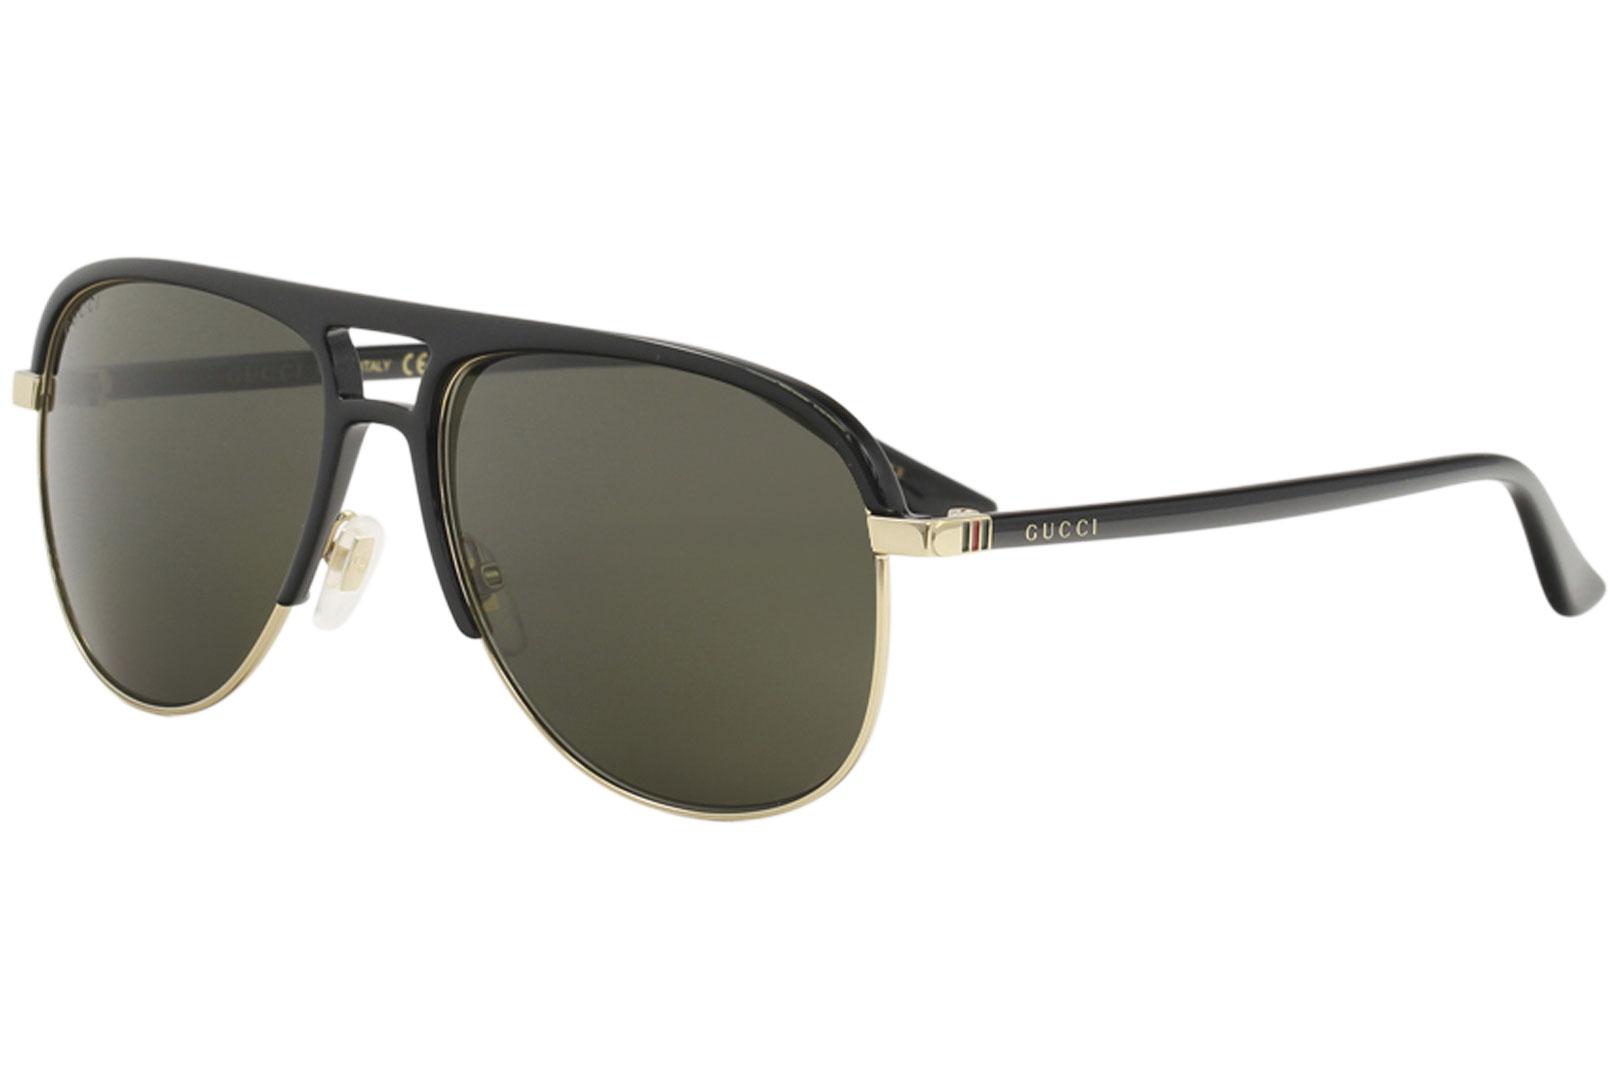 4fca166f6a5 Gucci Men s GG0292S GG 0292 S 001 Black Gold Fashion Pilot ...